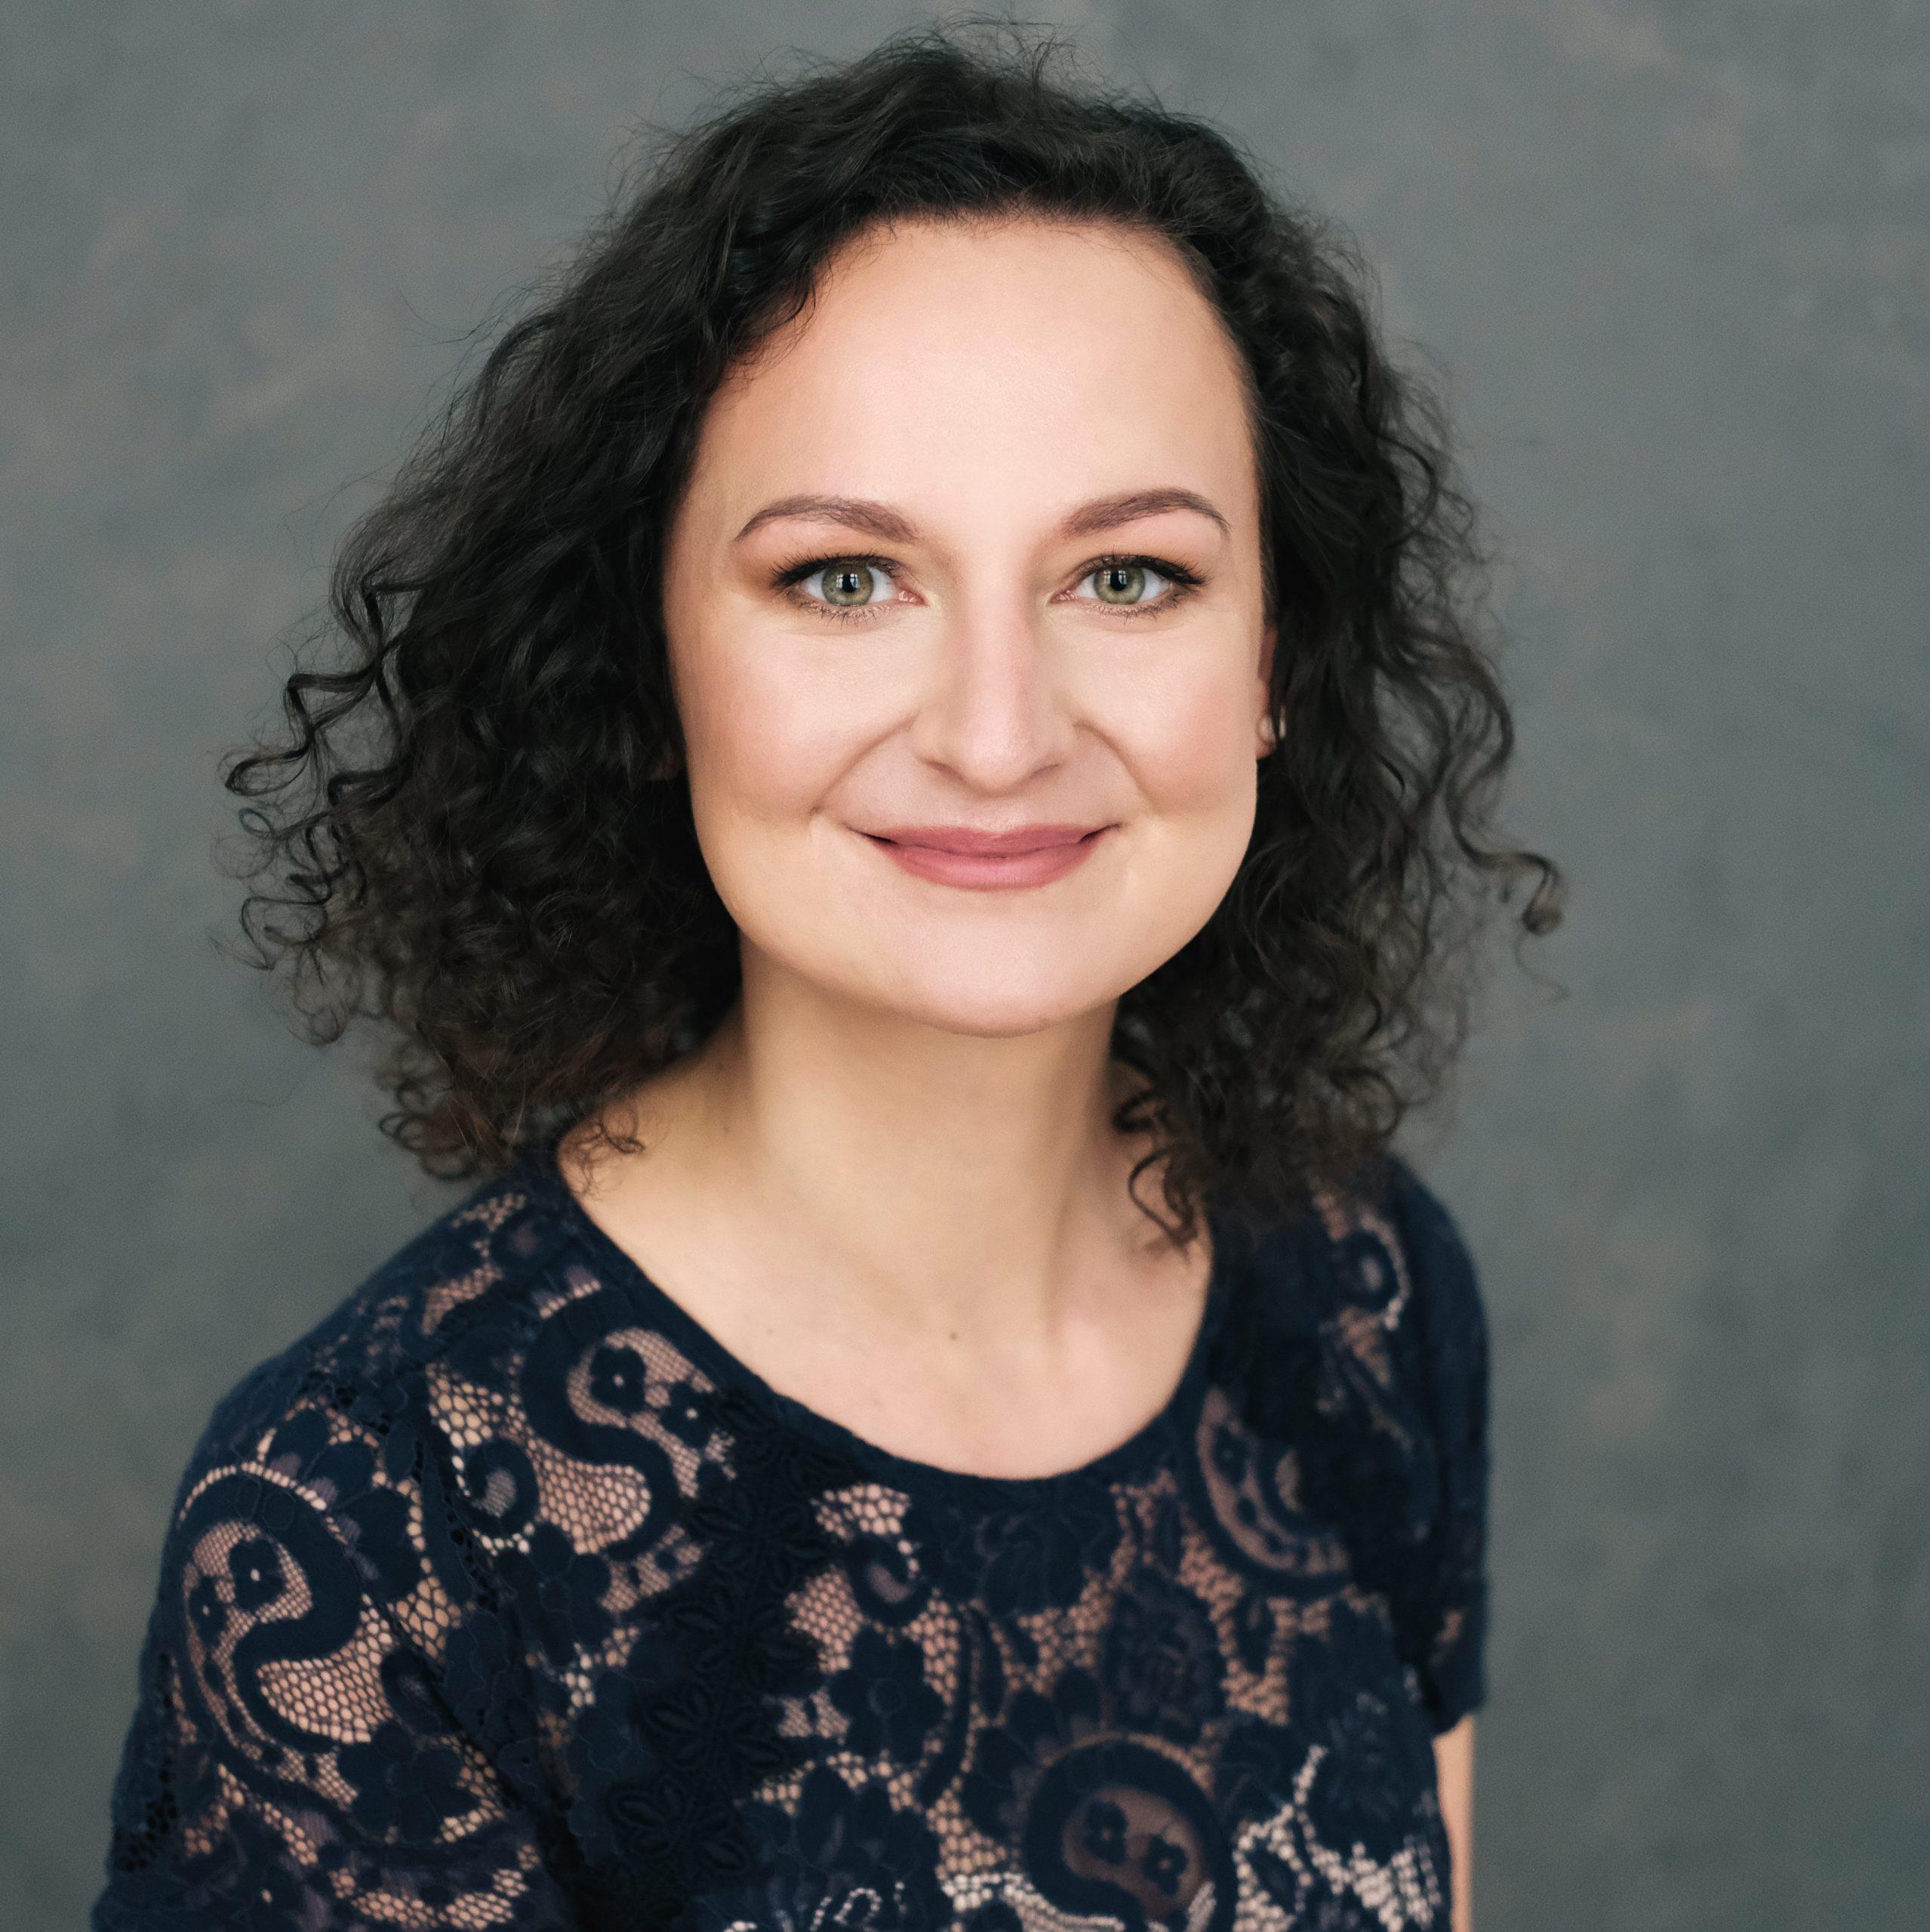 Jana Jandová - koučka, lektorka, facilitátorka  Koučka EMCC, lektorka a facilitátorka se zaměřením na oblast osobního rozvoje, manažerských dovedností, komunikace, well-beingu a mindfulness.